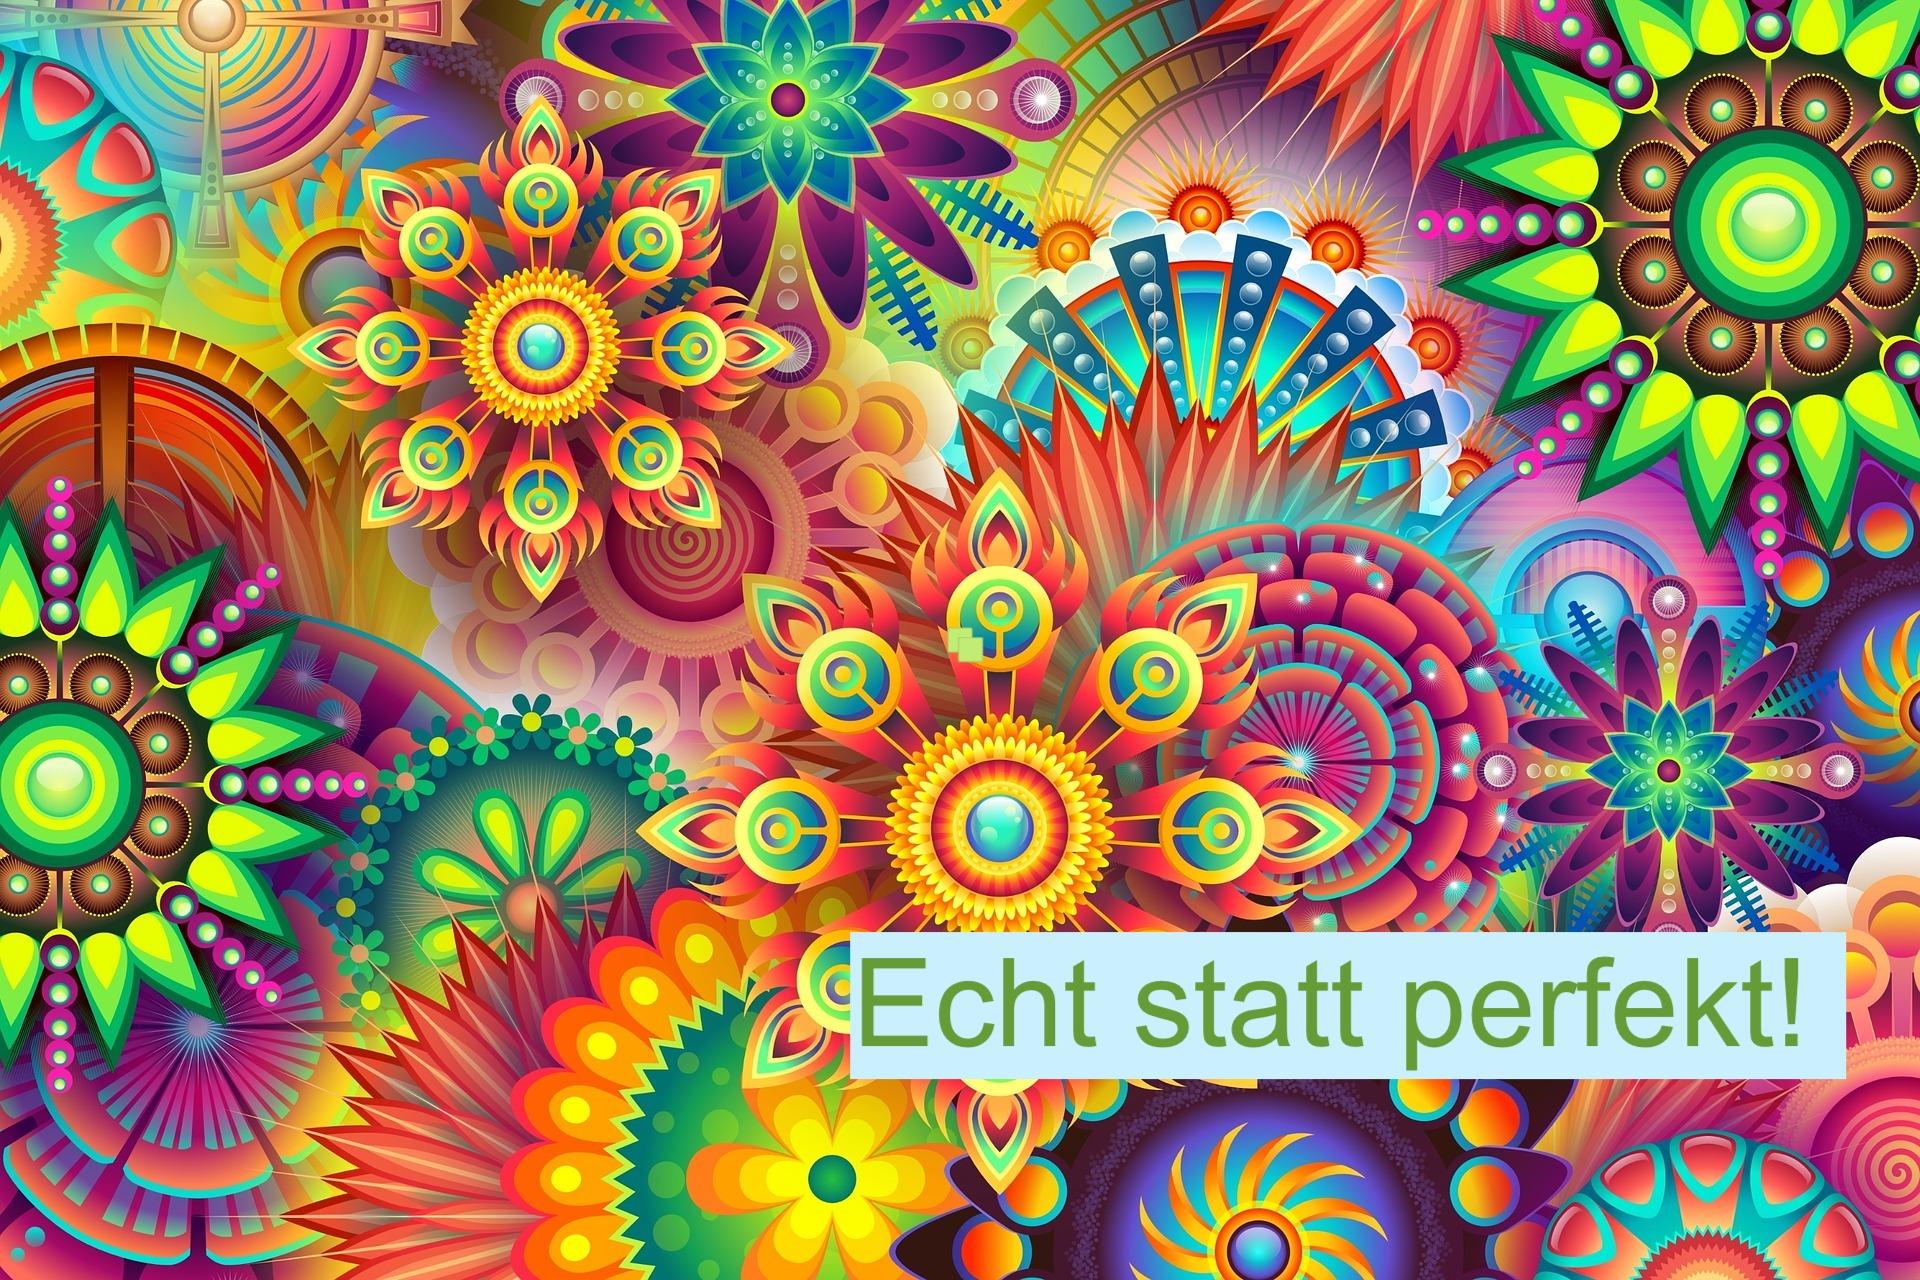 Echt statt perfekt - ein Sportmental Workshop für Frauen @ Bürgerhaus, Heidelberg-Bahnstadt